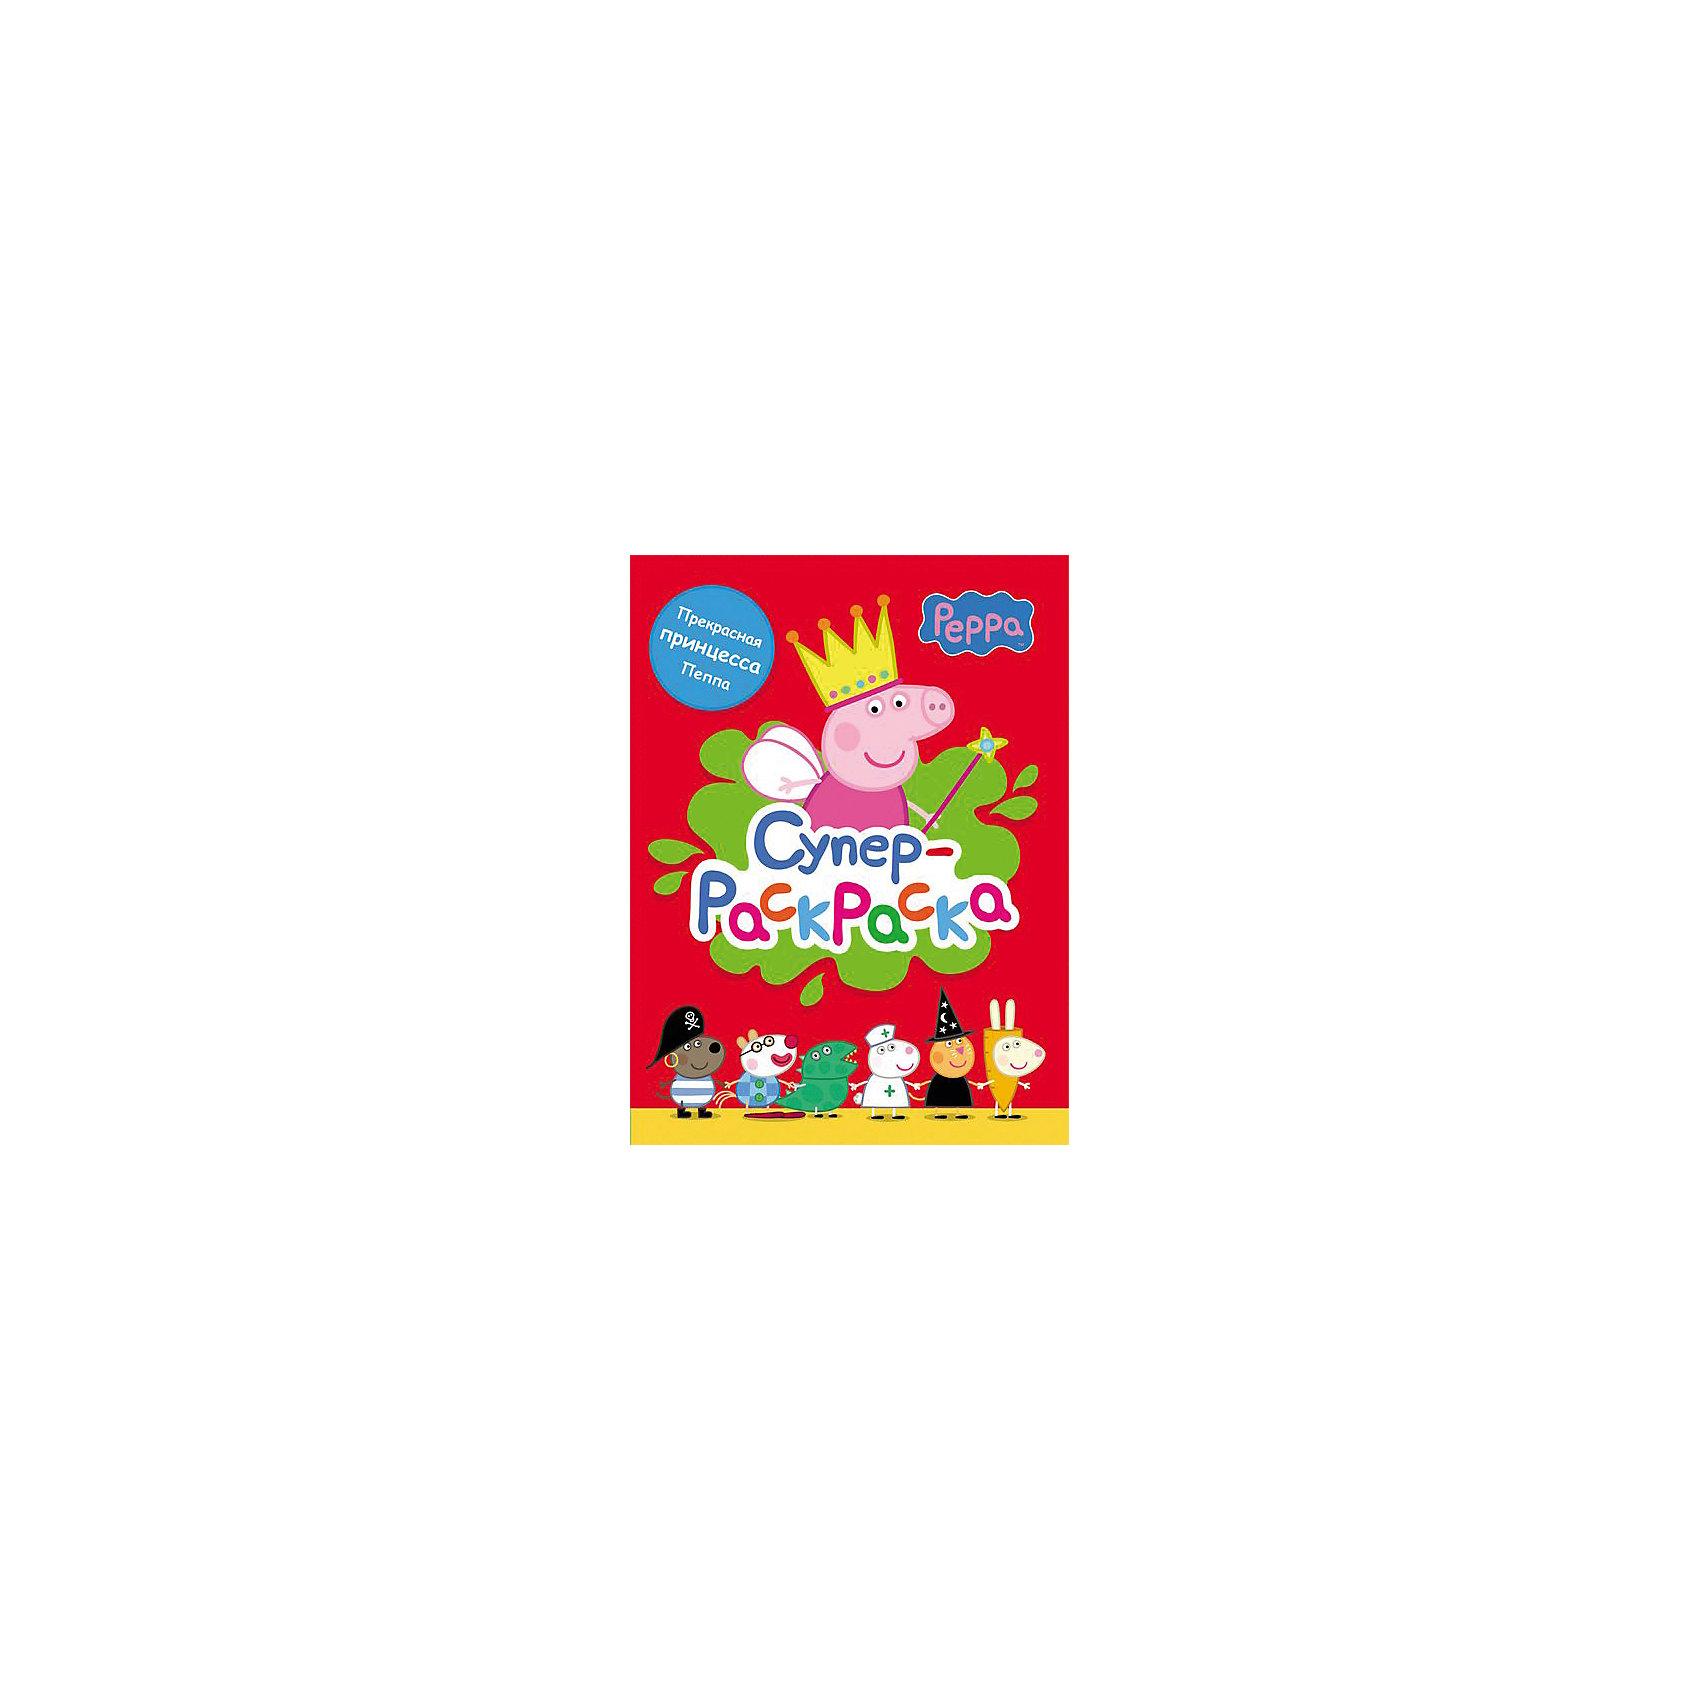 Суперраскраска Свинка Пеппа (красная)Свинка Пеппа<br>Суперраскраска Свинка Пеппа (красная) – это веселые картинки для раскрашивания, задачки на внимательность, сравнение, запоминание, счёт.<br>Ура! Прекрасная принцесса Пеппа приглашает тебя на карнавал! Раскрашивай забавных героев мультфильма, играй и выполняй задания. Добро пожаловать на веселый праздник!<br><br>Дополнительная информация:<br><br>- Редактор: Смилевска Л.<br>- Издательство: Росмэн<br>- Тип обложки: мягкая<br>- Иллюстрации: черно-белые, цветные<br>- Количество страниц: 16<br>- Размер: 330 х 240 x 4 мм.<br>- Вес: 90 гр.<br><br>Суперраскраску Свинка Пеппа (красную) можно купить в нашем интернет-магазине.<br><br>Ширина мм: 330<br>Глубина мм: 240<br>Высота мм: 4<br>Вес г: 90<br>Возраст от месяцев: 36<br>Возраст до месяцев: 60<br>Пол: Унисекс<br>Возраст: Детский<br>SKU: 4602289